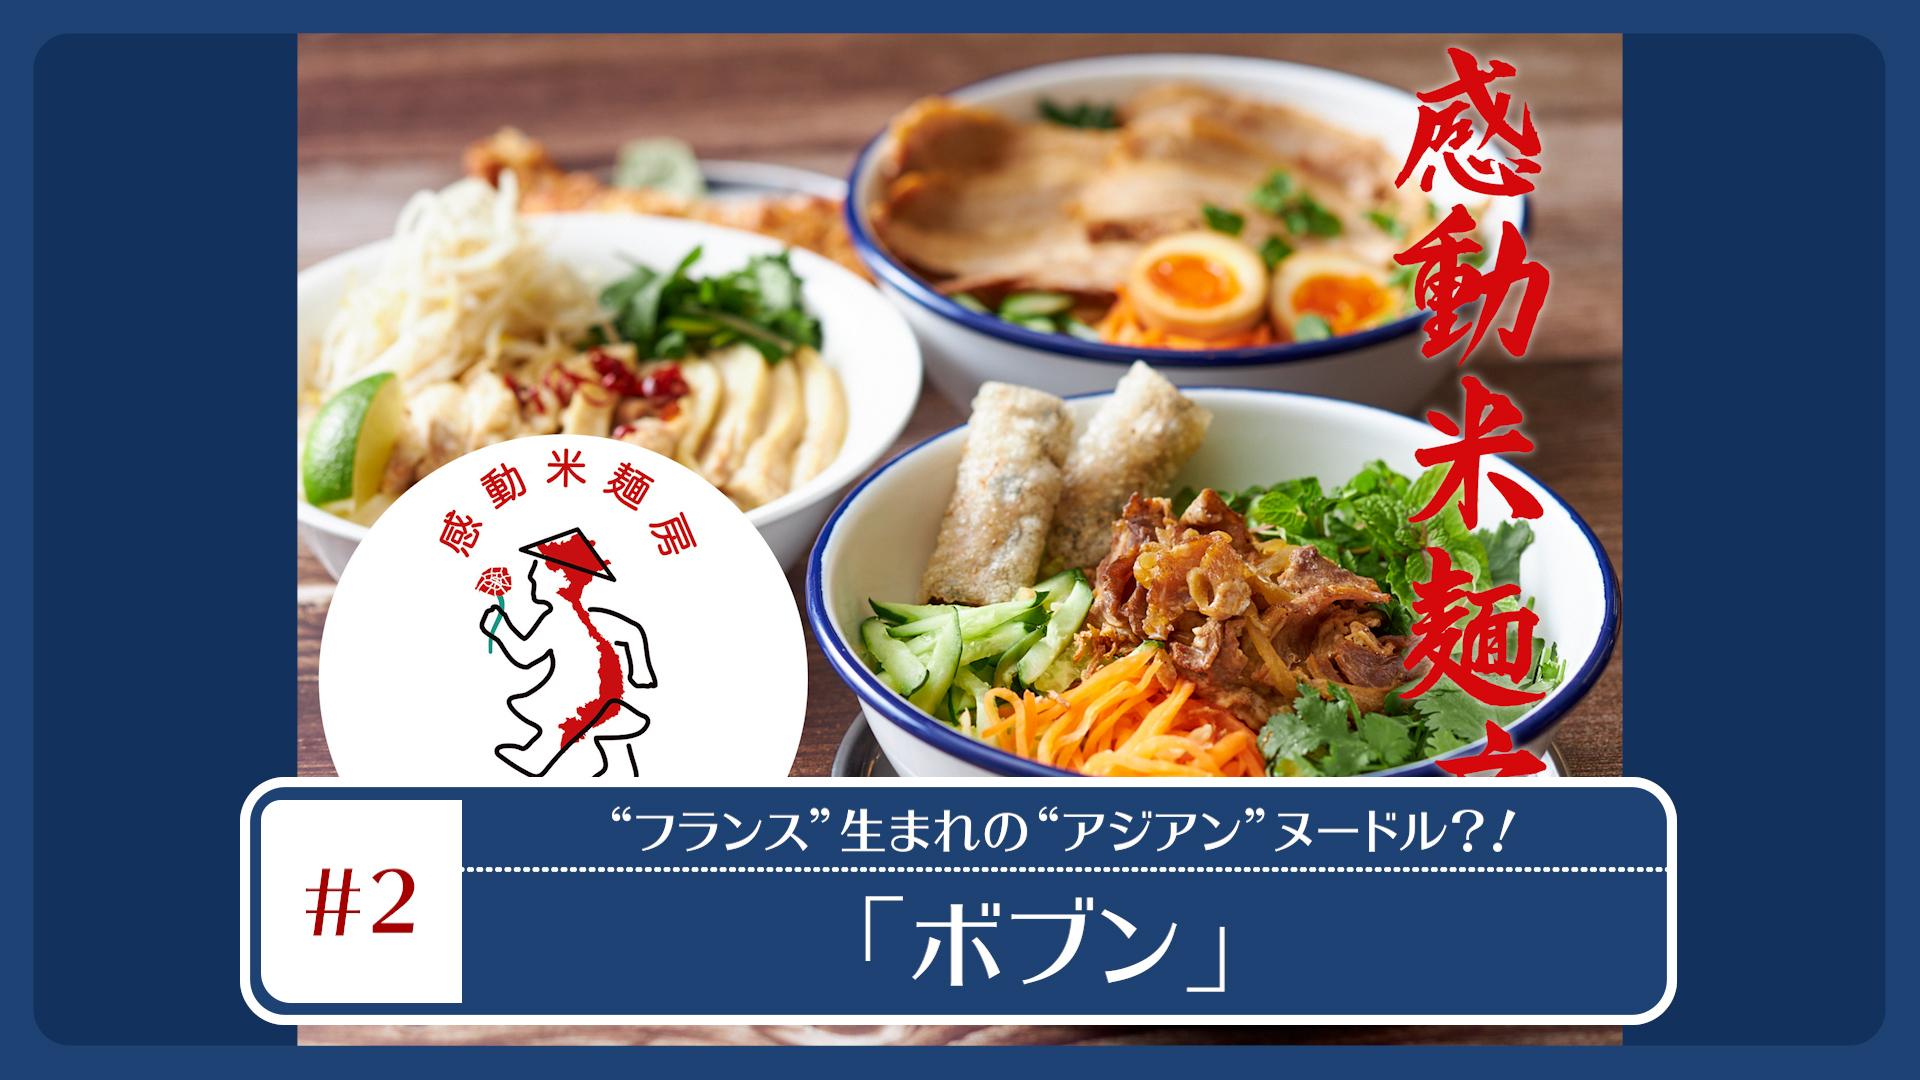 フランス生まれのヘルシーアジアンヌードル食堂「感動ボブン」 JR神田駅前にオープン